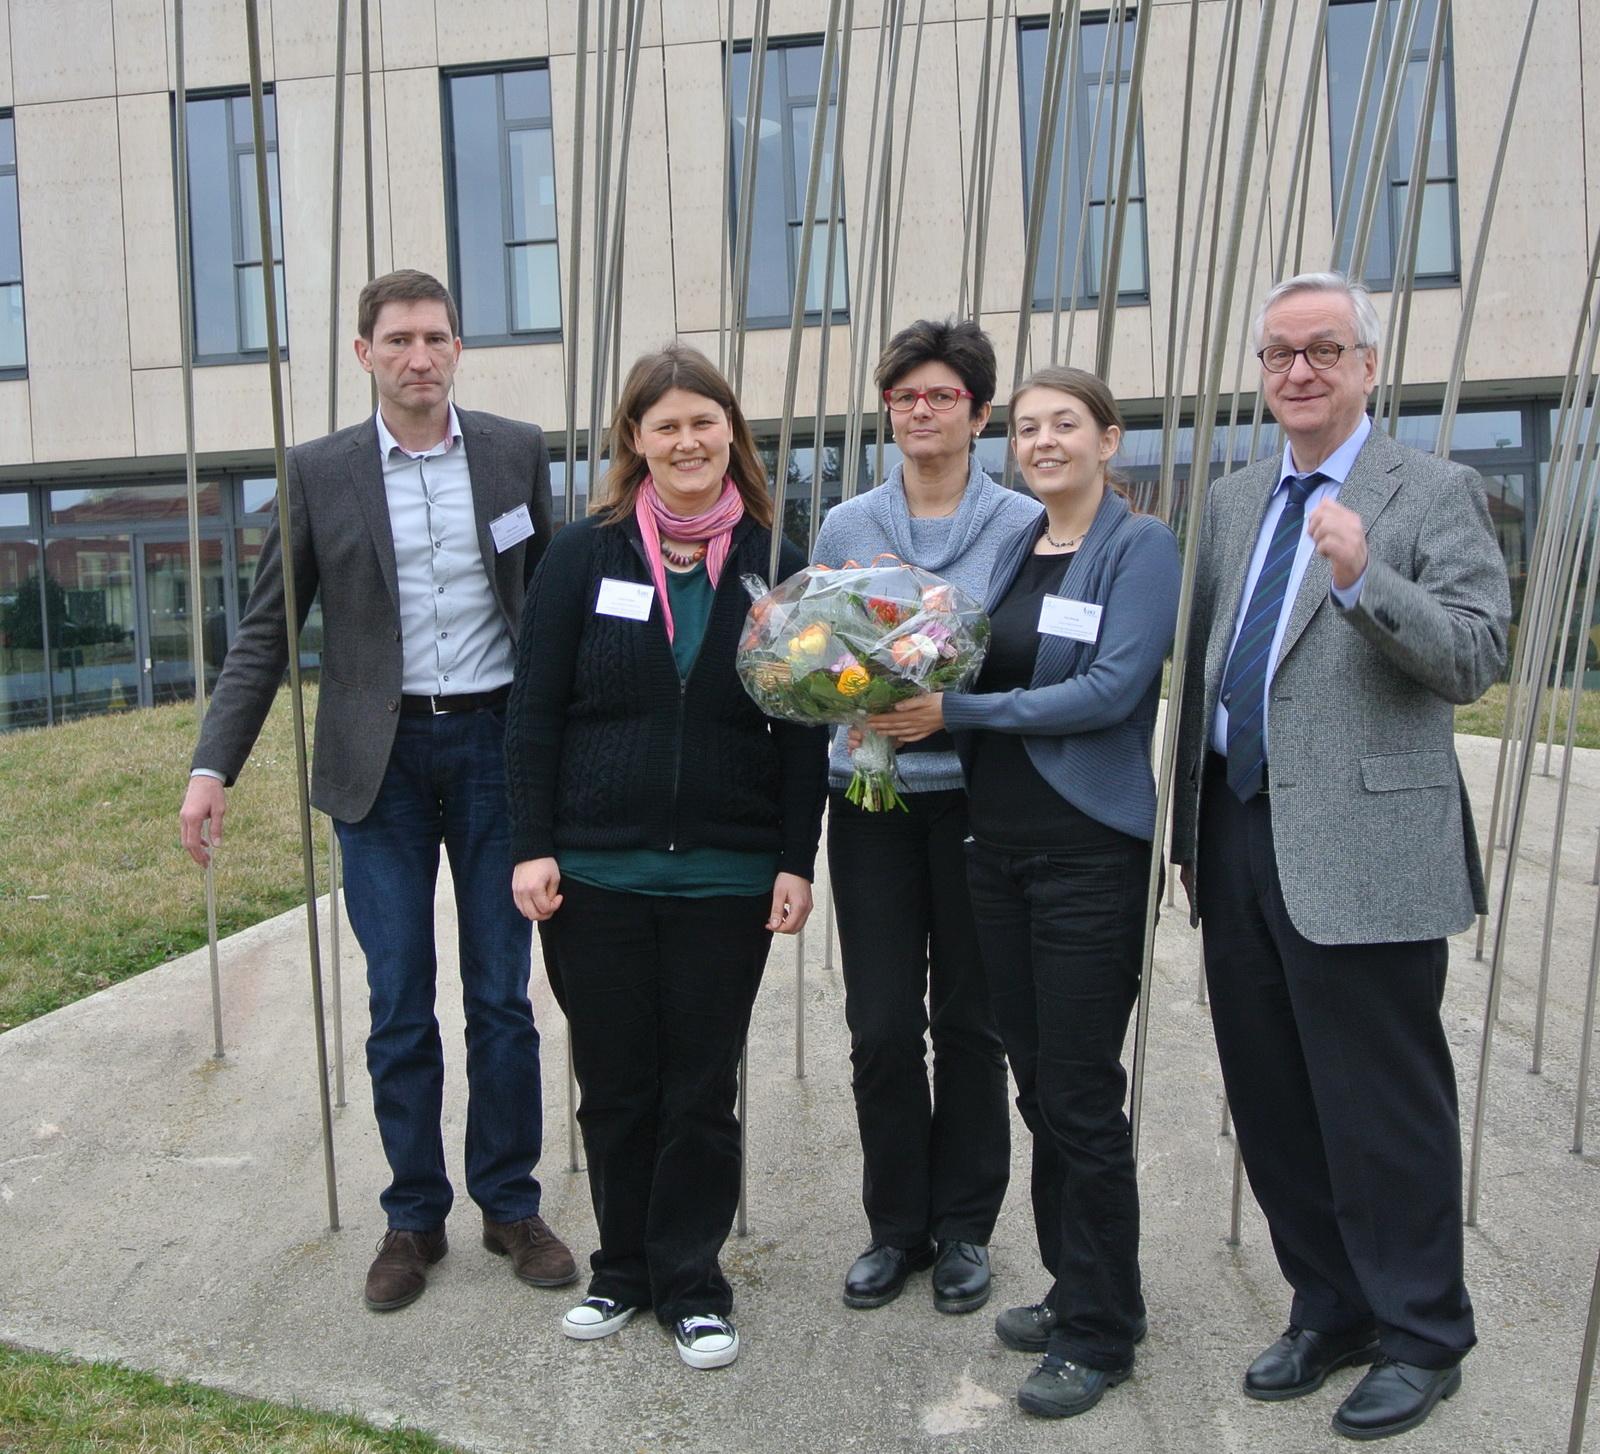 Rümker-Preisträgerin 2015 Dr. Eva Herzog (mit Blumen ...